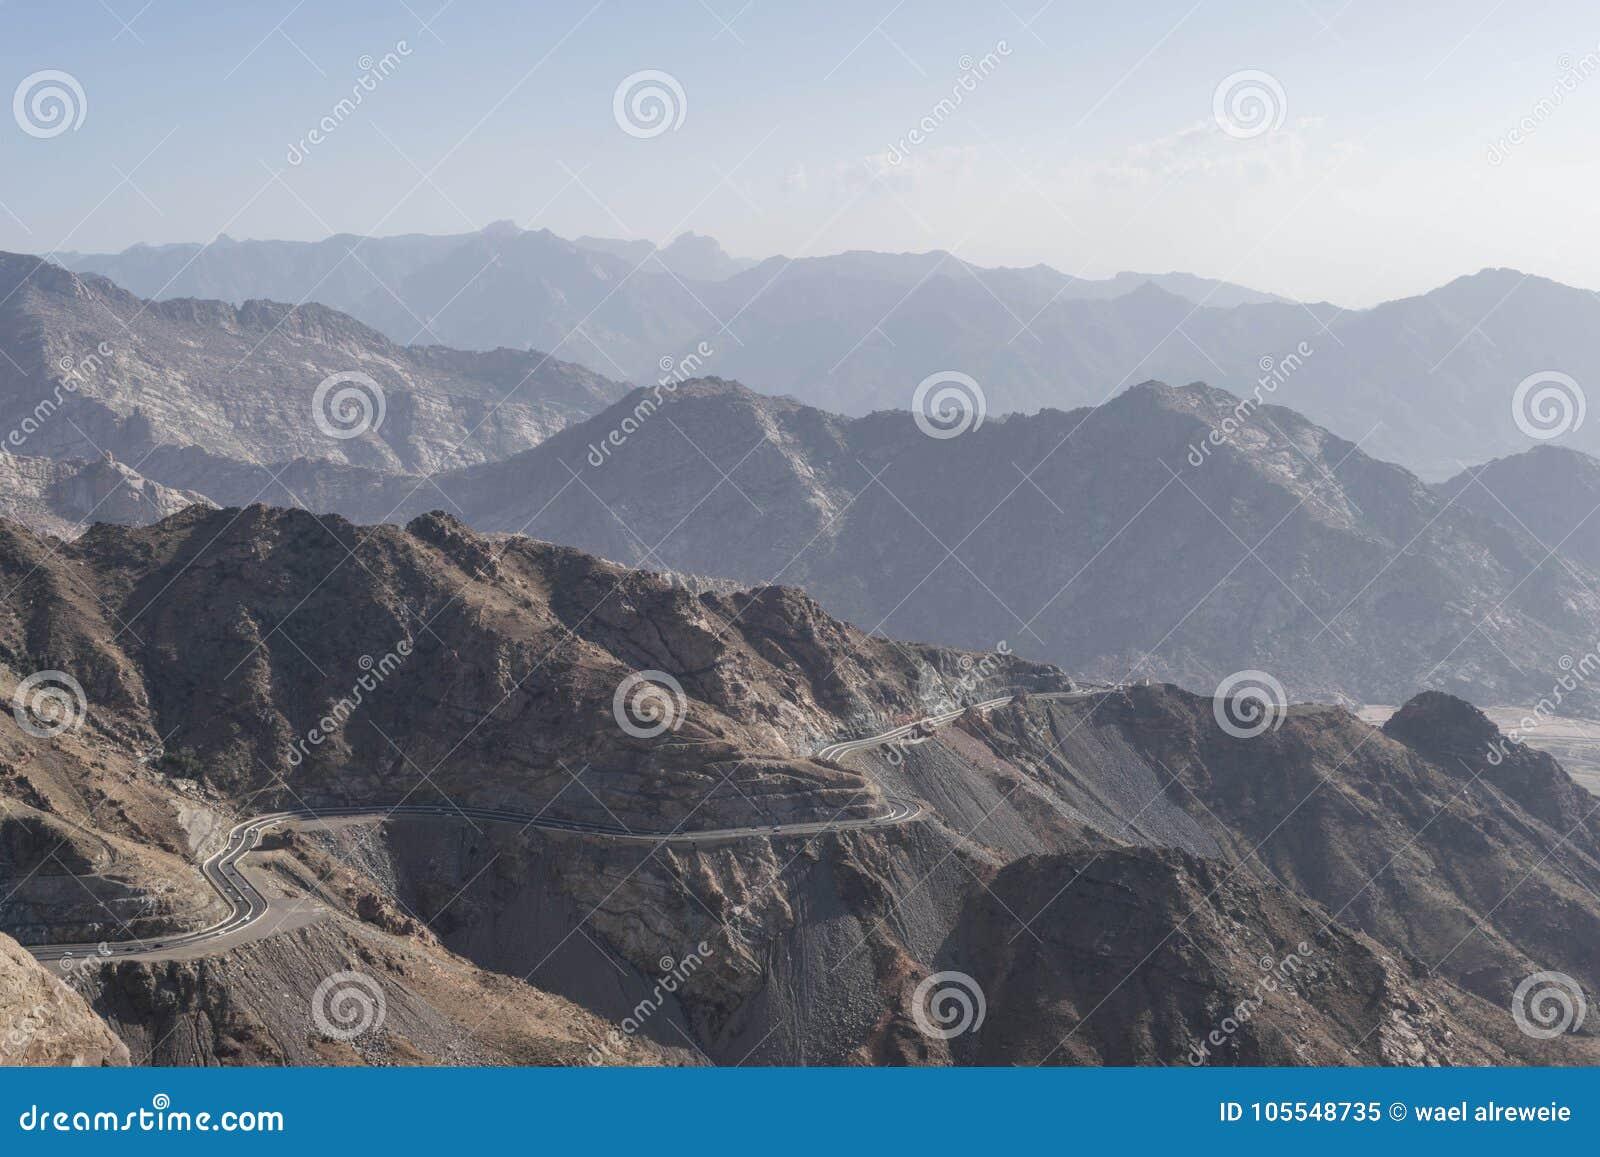 Al Hada Mountain in Taif-Stadt, Saudi-Arabien mit schöner Ansicht der Gebirgs- und Al Hada-Straße zwischen den Bergen